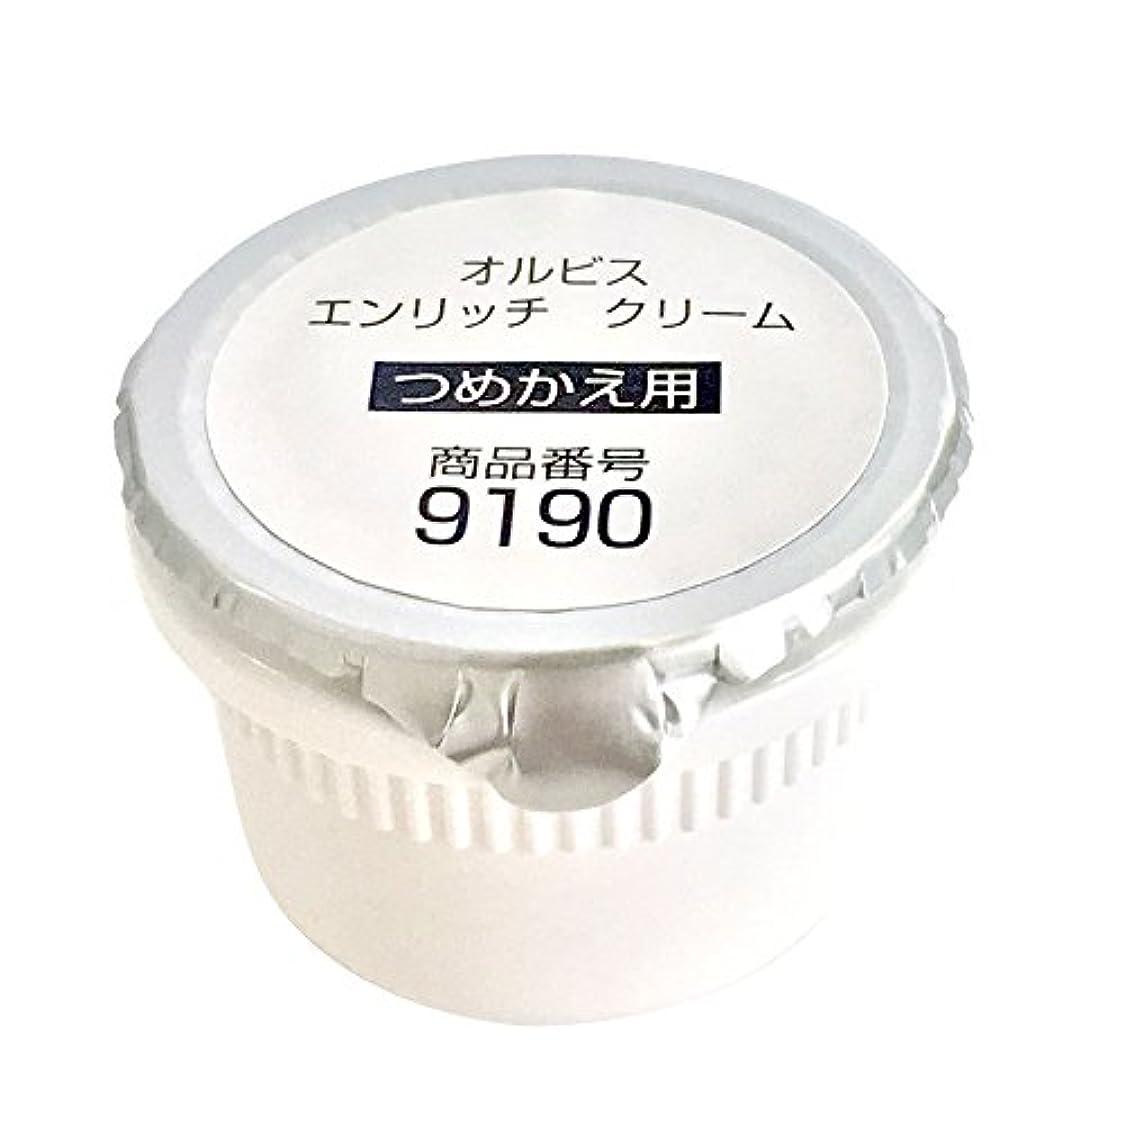 韓国脱獄ライバルオルビス(ORBIS) エンリッチ クリーム 詰替 30g ◎エイジングケアクリーム◎